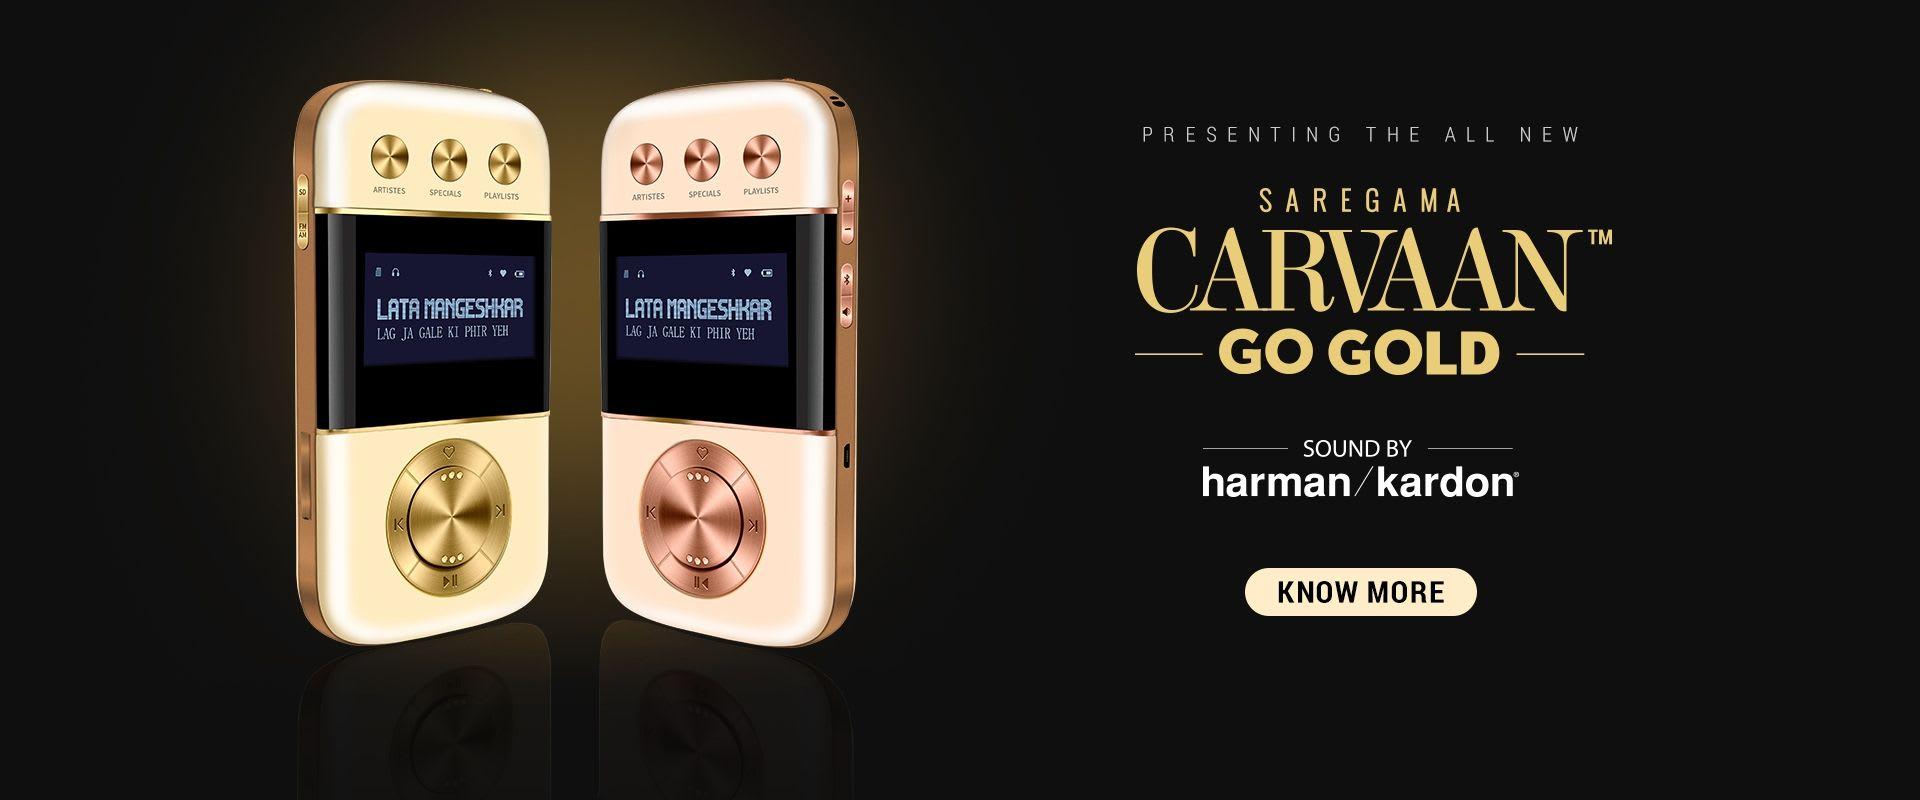 Saregama Carvaan Go Gold